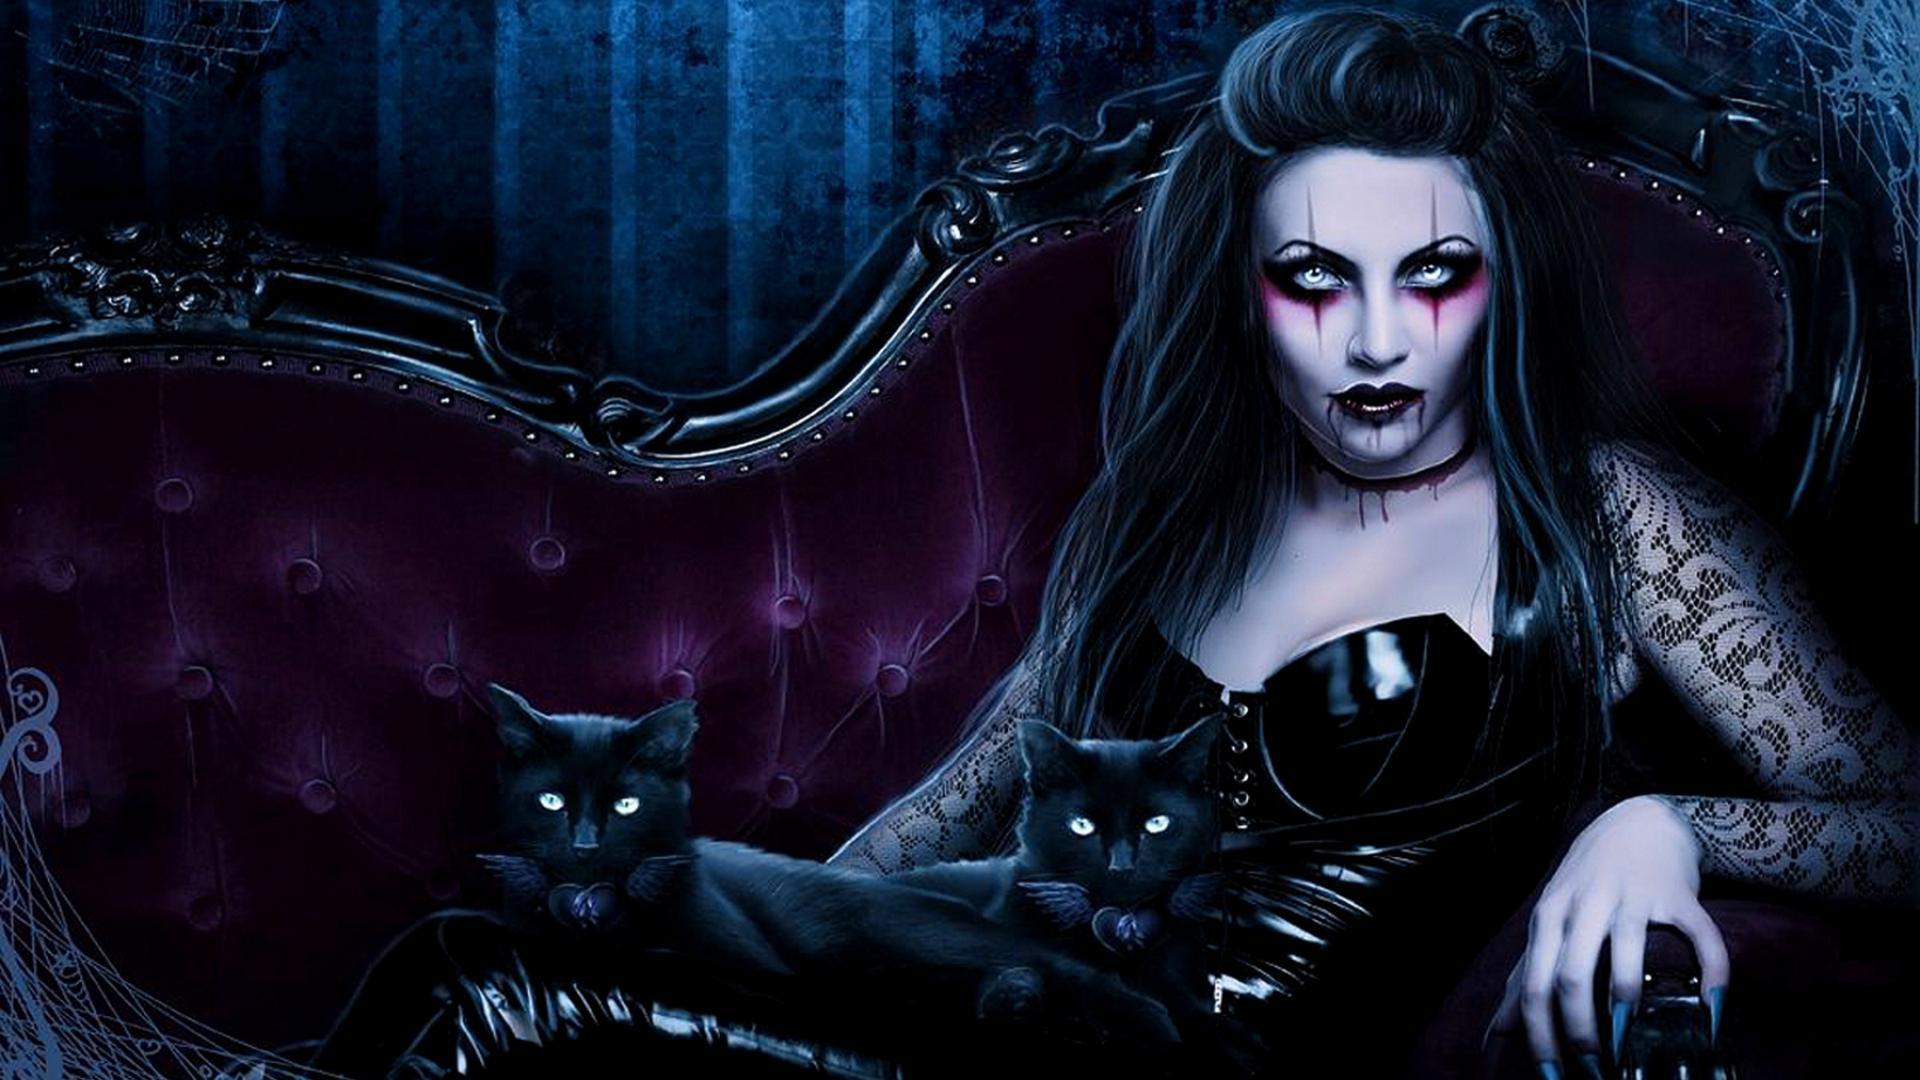 Dark fantasy gothic vampire evil horror cats art wallpaper 1920x1080 1920x1080